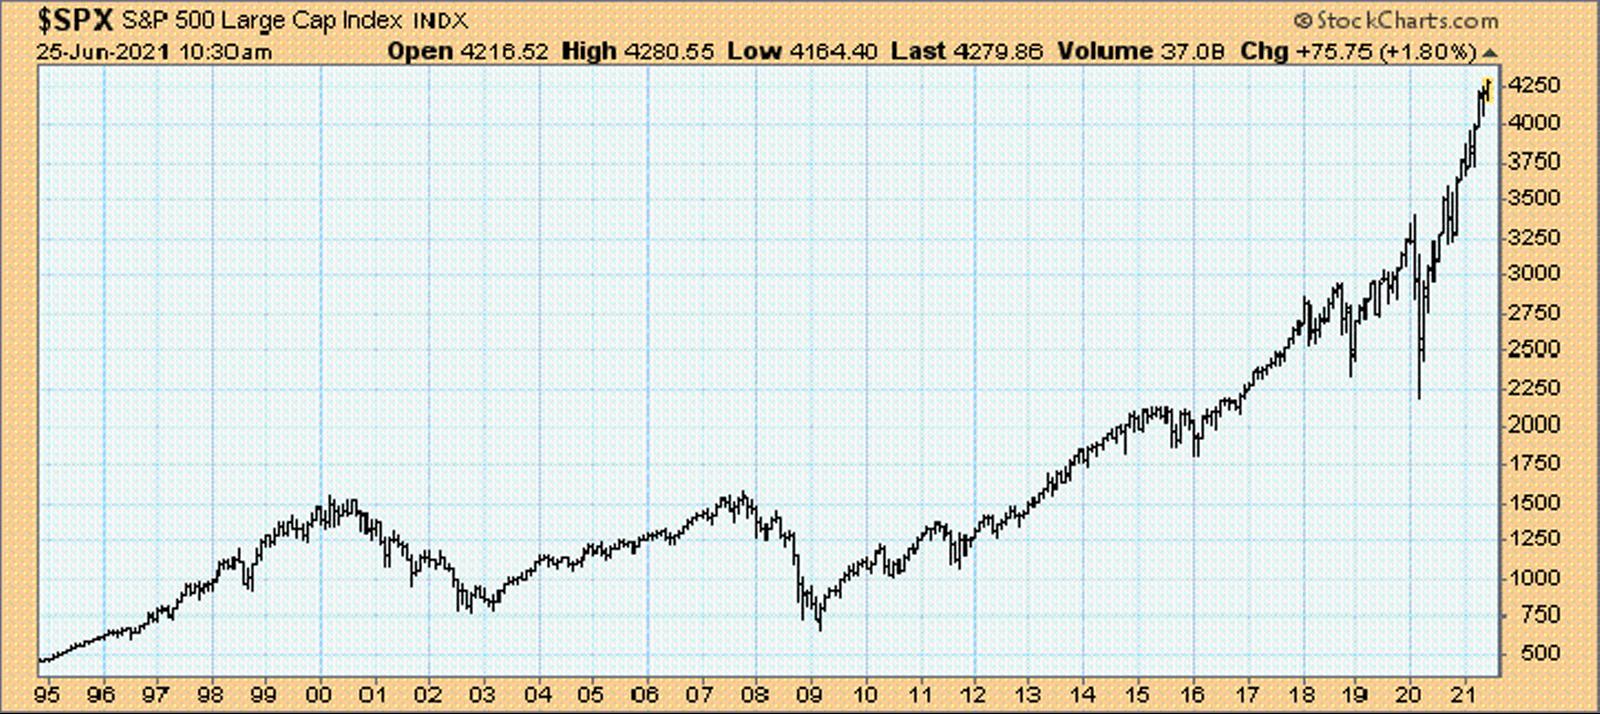 S&P 500, Monatschart, 1995 bis 2021